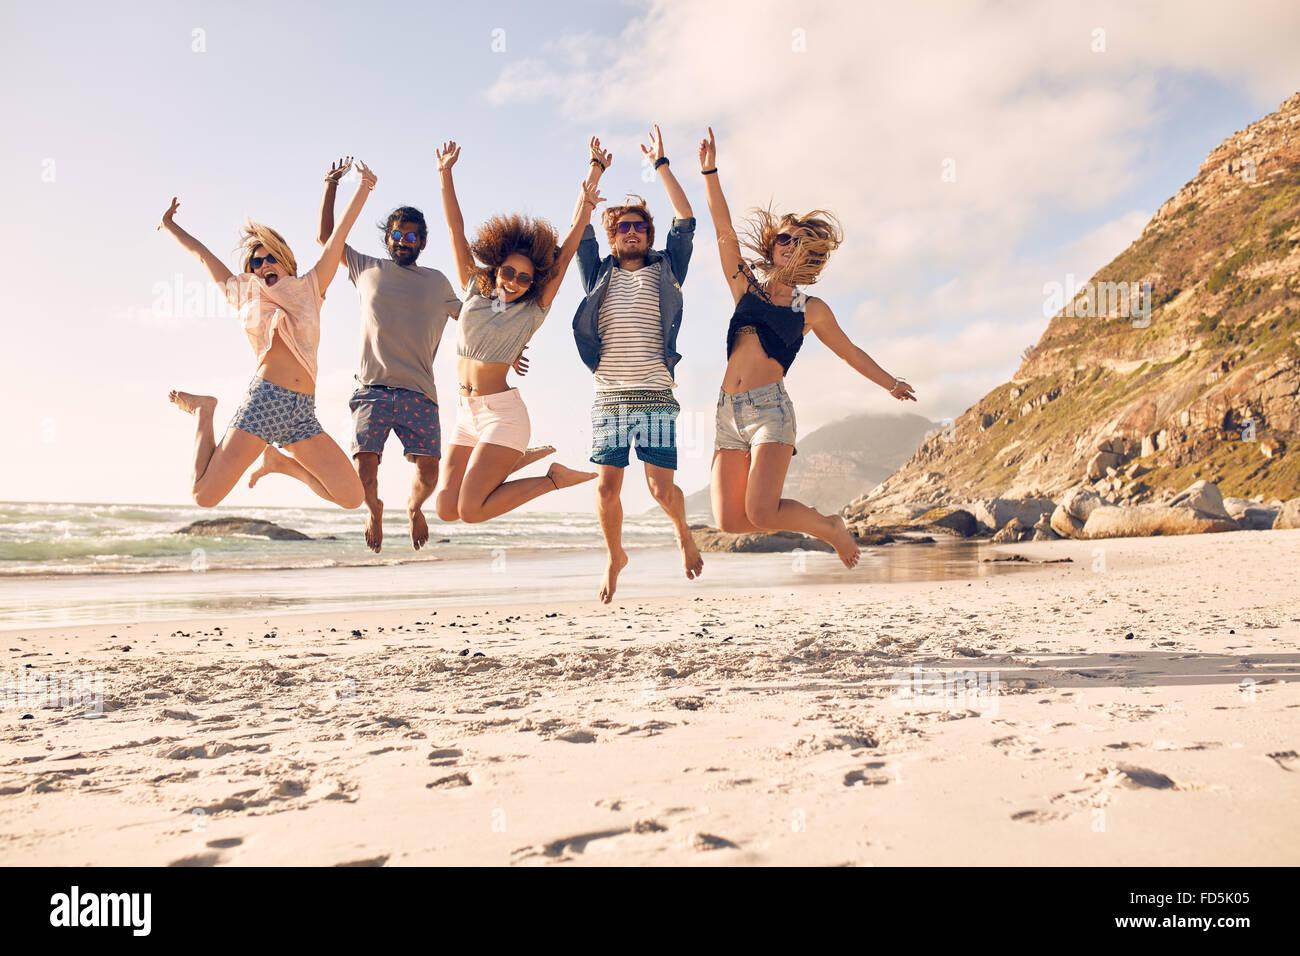 Gruppe von Freunden zusammen am Strand Spaß haben. Glückliche junge Menschen springen am Strand. Gruppe Stockbild